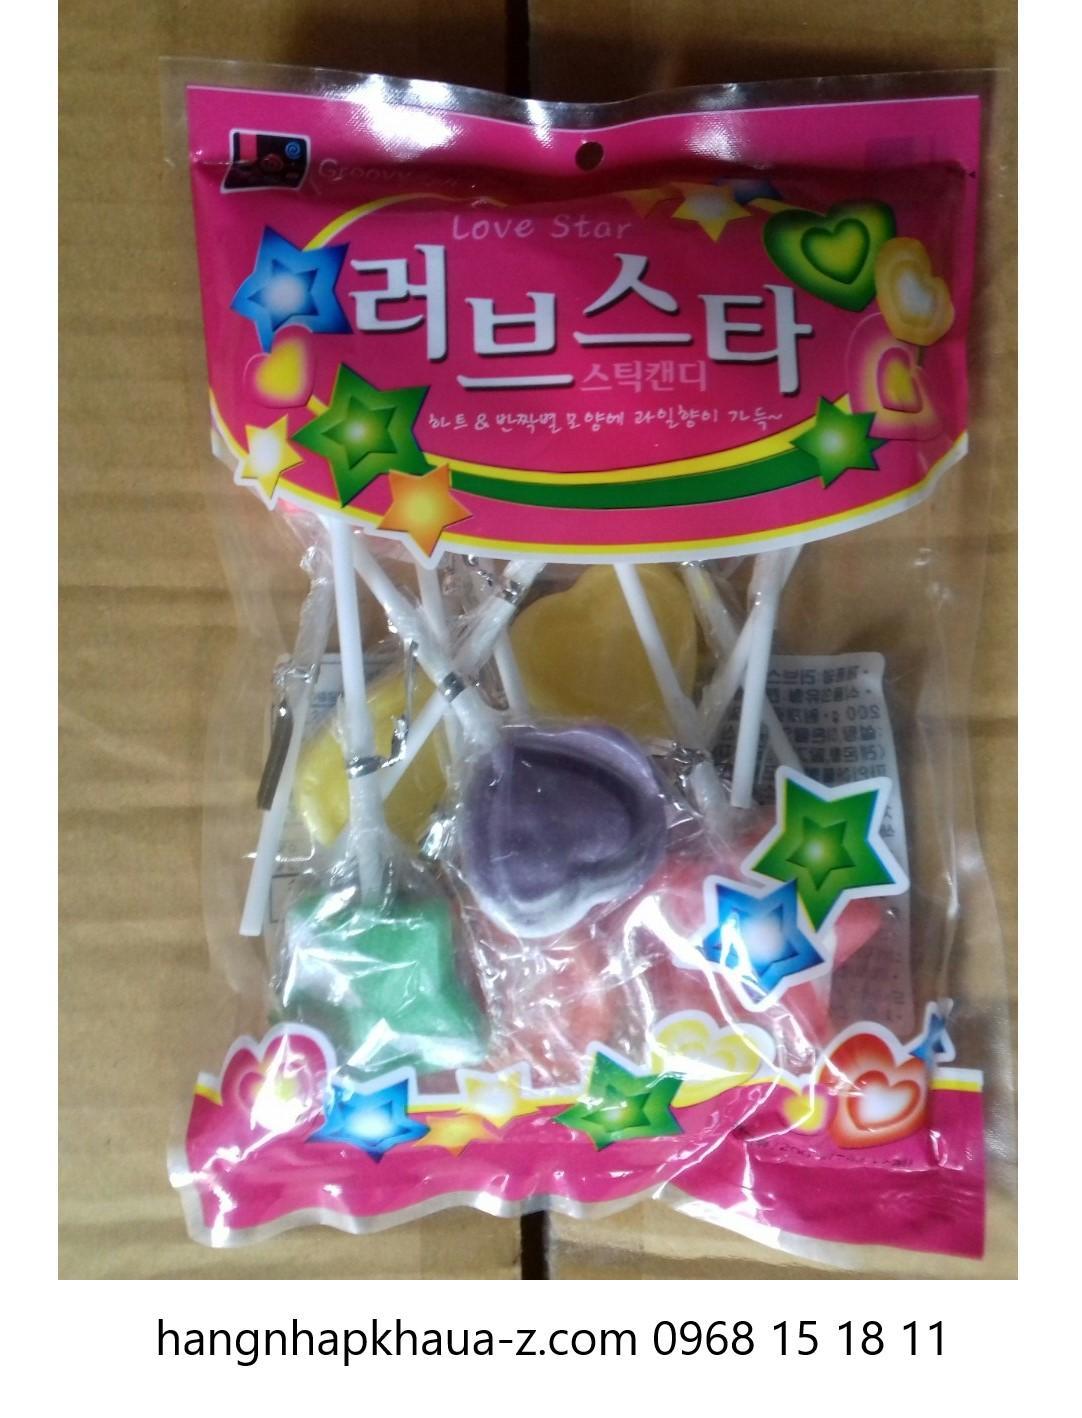 Kẹo mút Hàn Quốc Love Star 200g